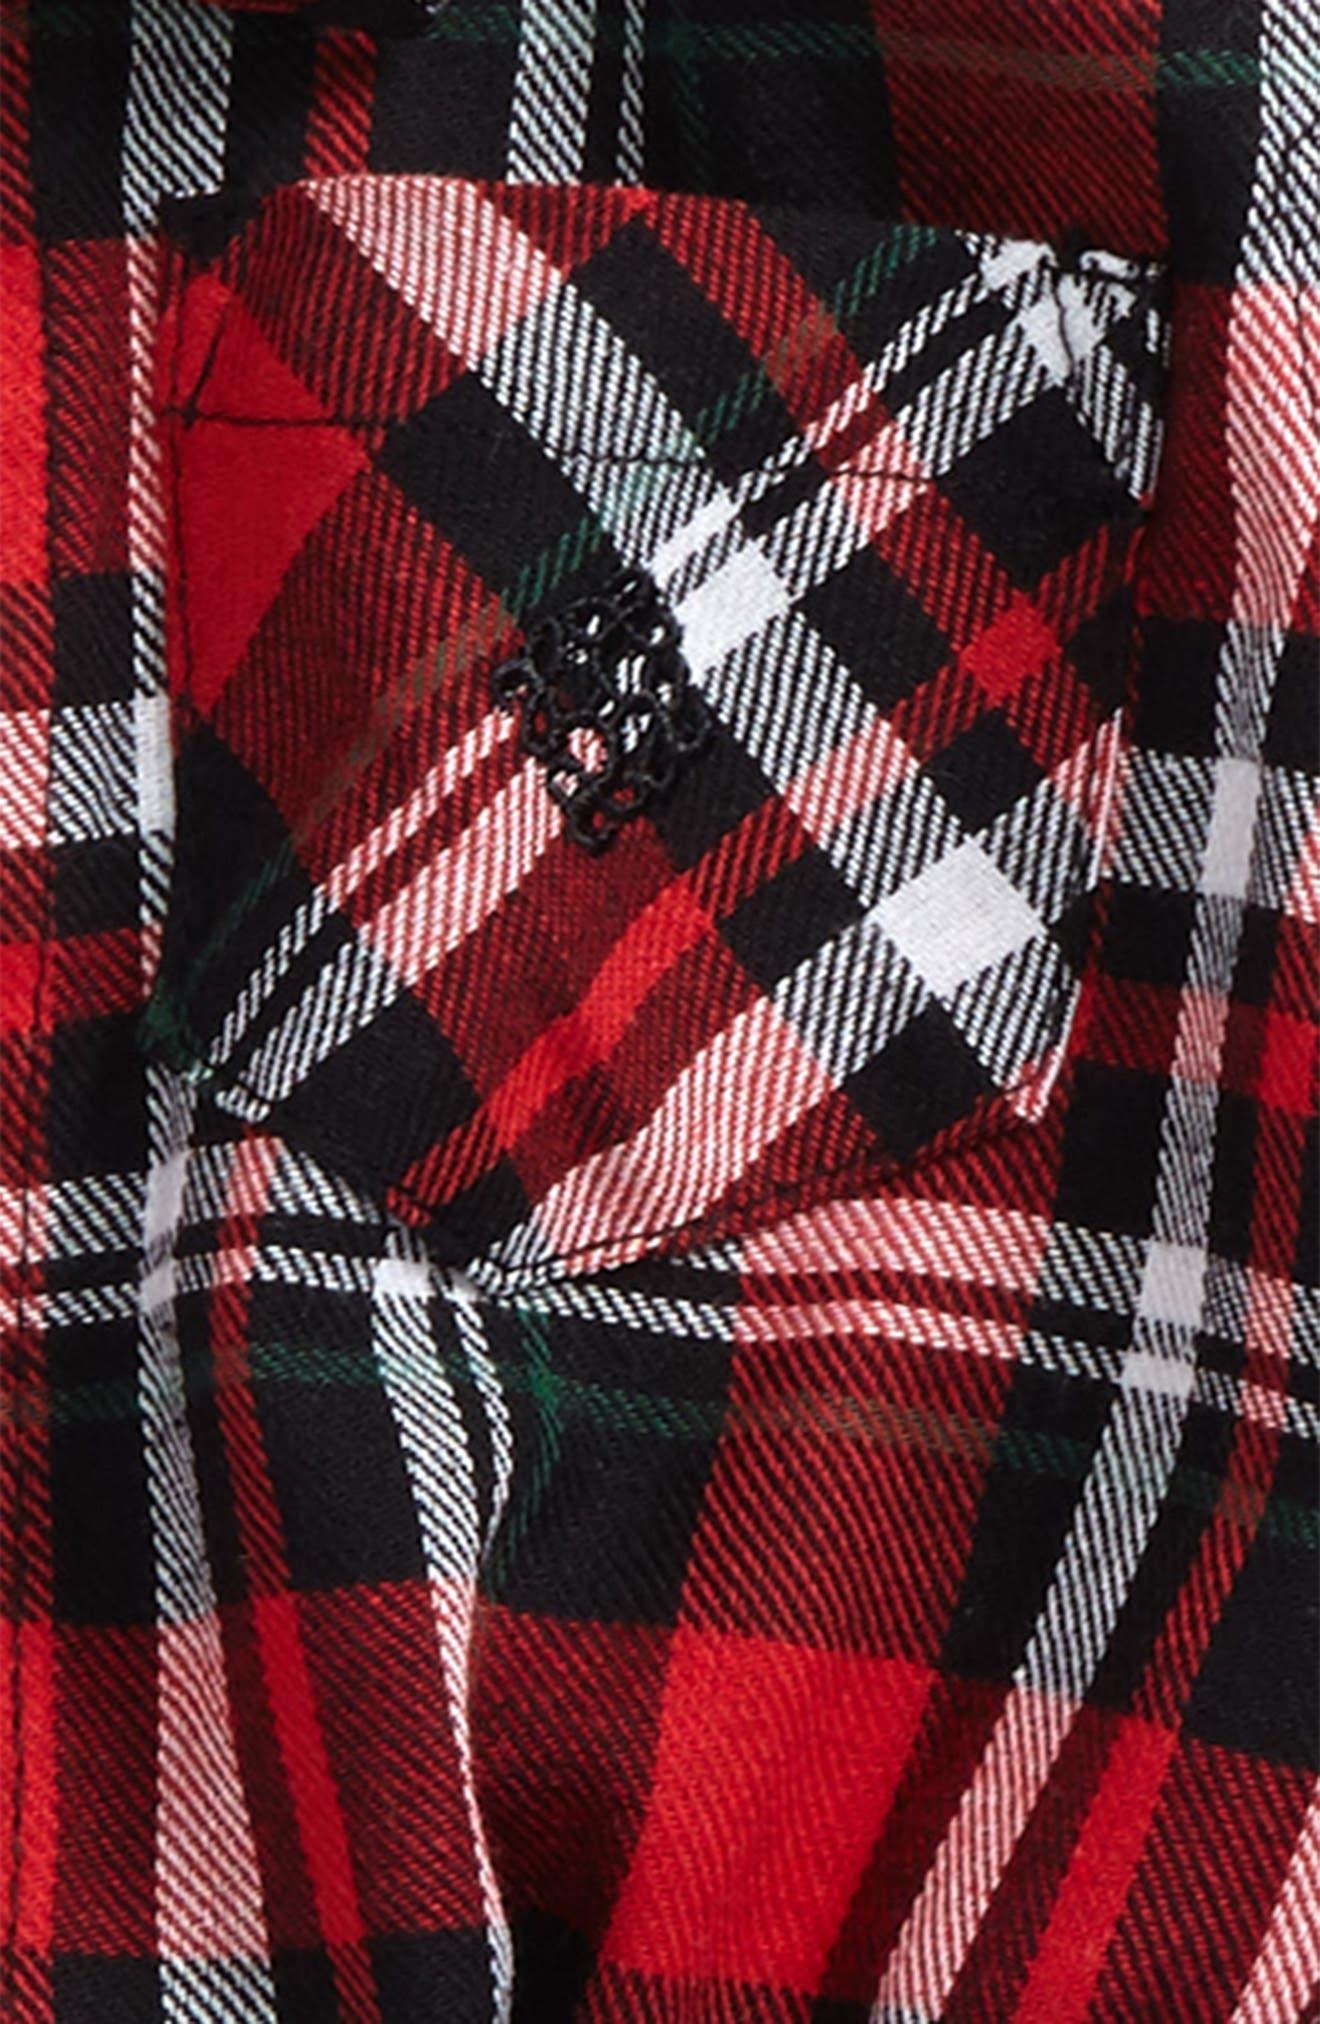 Shirtzie Holiday Plaid Bodysuit, Corduroy Pants & Bow Tie Set,                             Alternate thumbnail 2, color,                             622